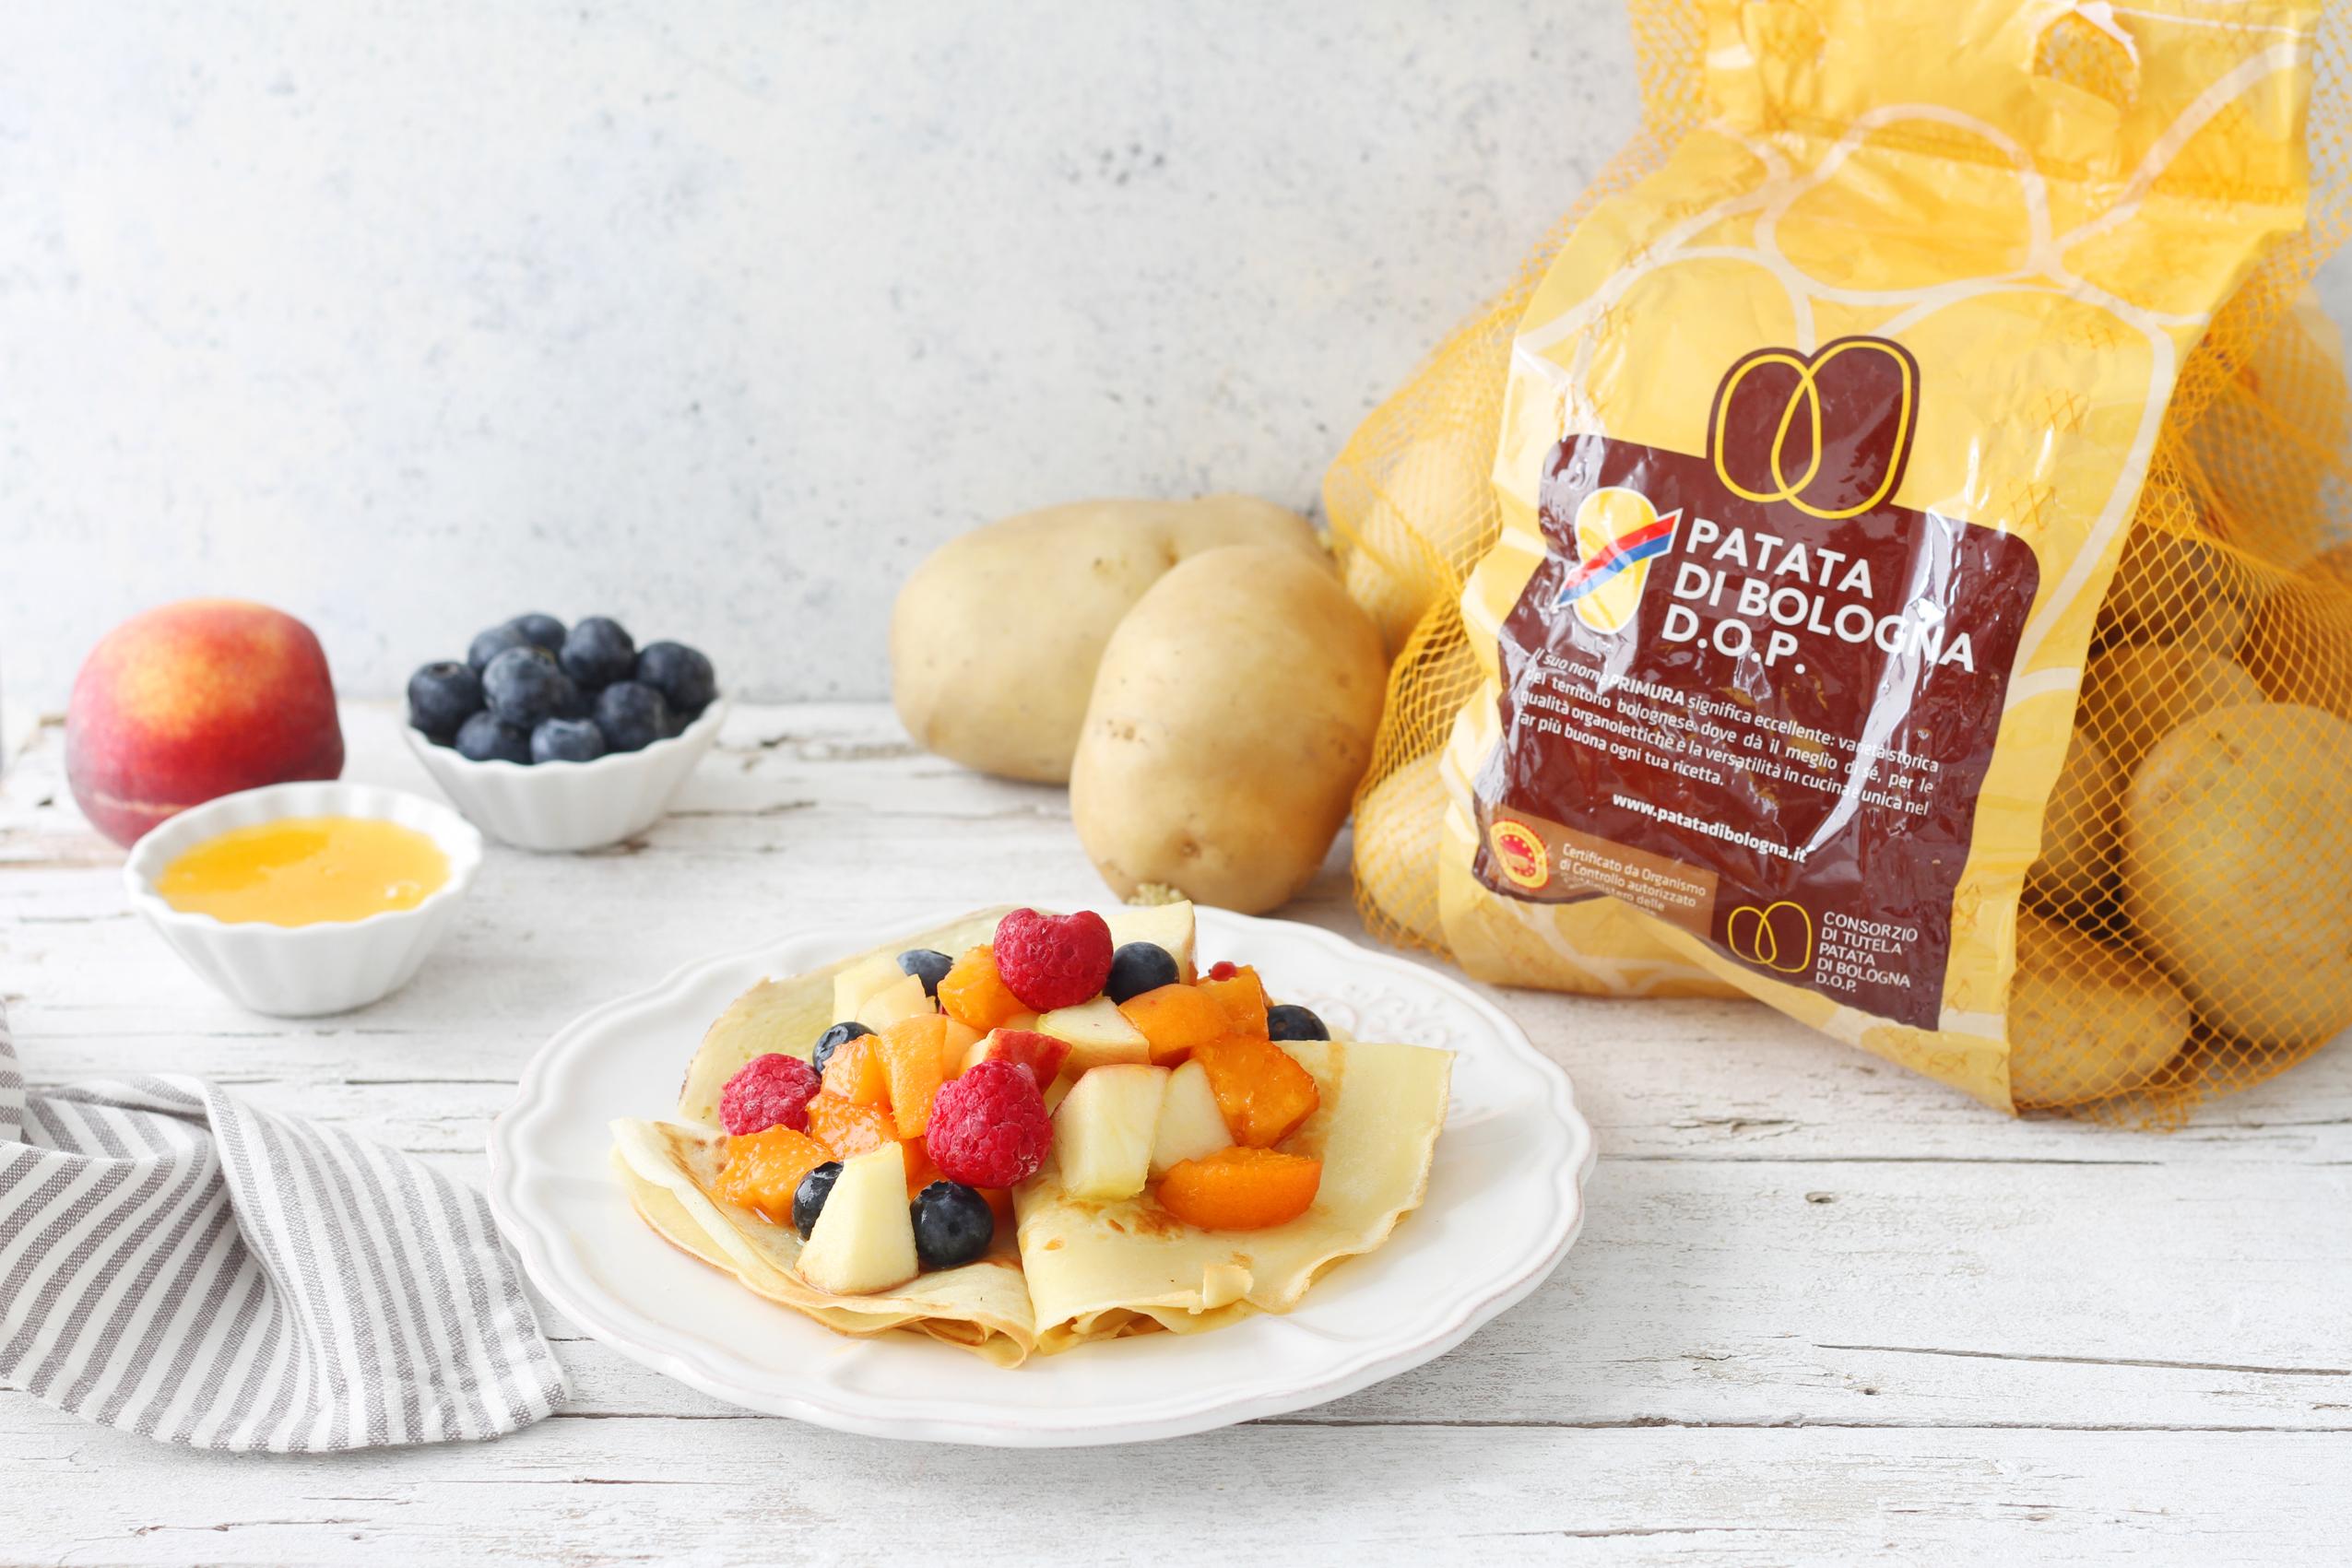 Crepes di Patate di Bologna D.O.P. frutta e miele